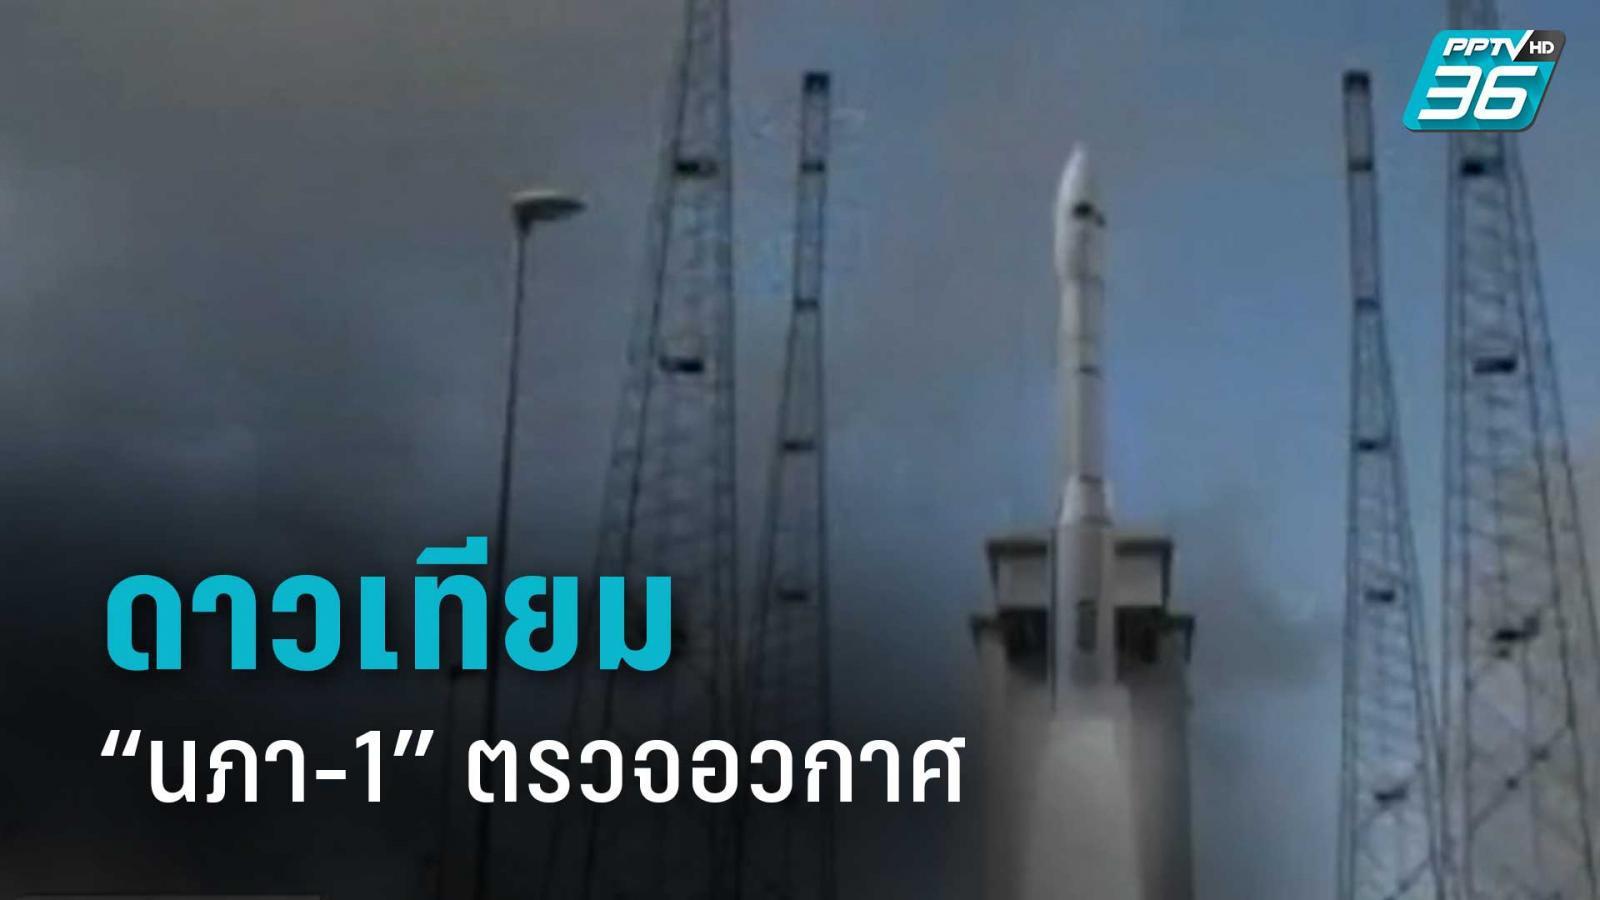 """ทอ.เตรียมยิงดาวเทียม """"นภา-1"""" ขึ้นอวกาศ 19 มิ.ย.นี้"""